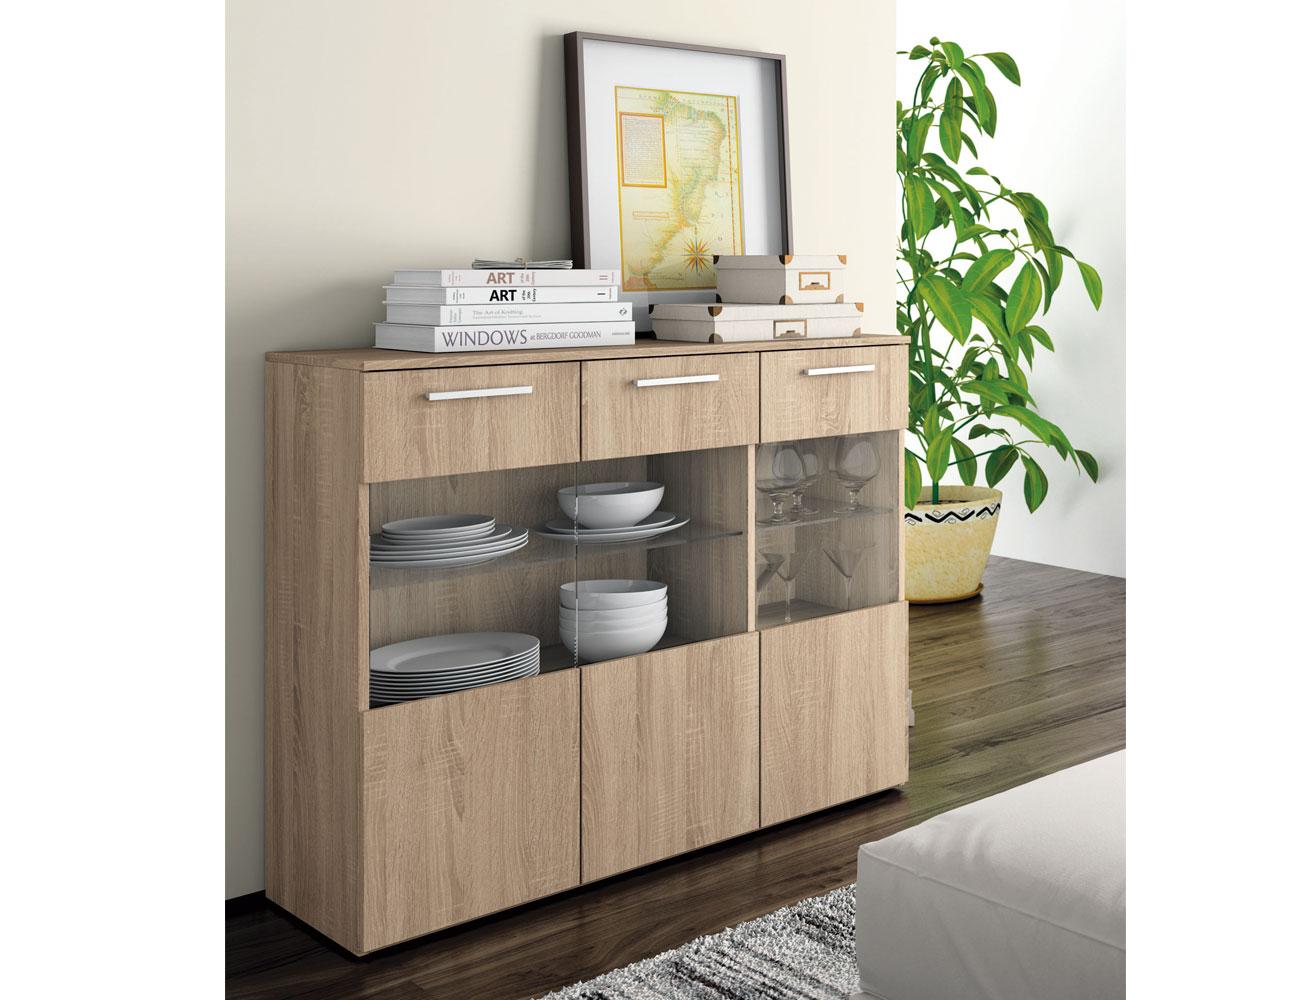 Mueble salon moderno aparador cambrian 4183